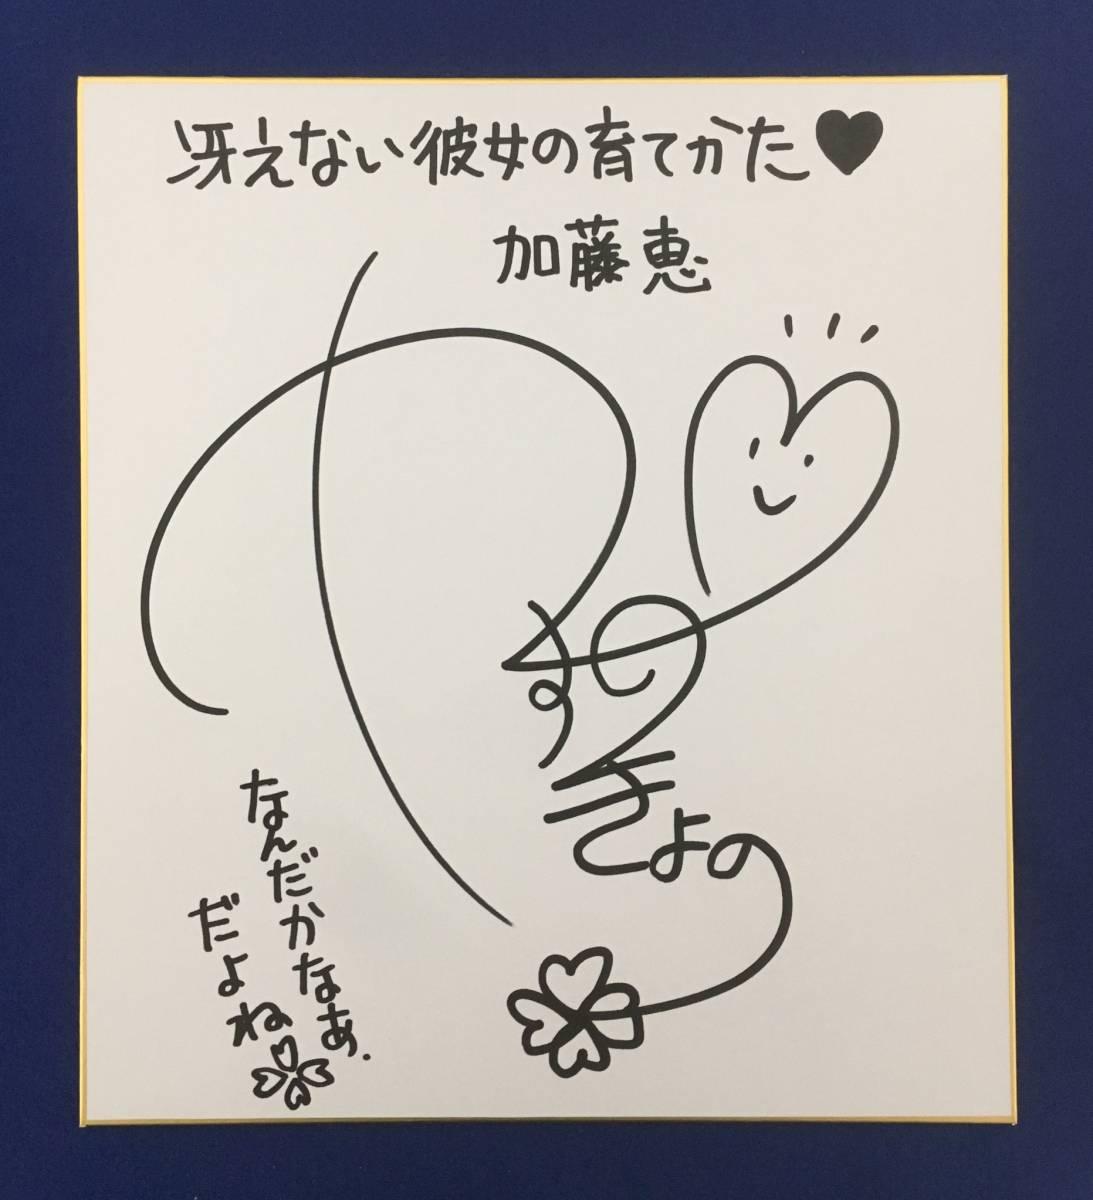 冴えない彼女の育てかた◆直筆サイン色紙◆安野希世乃◆加藤恵◆声優